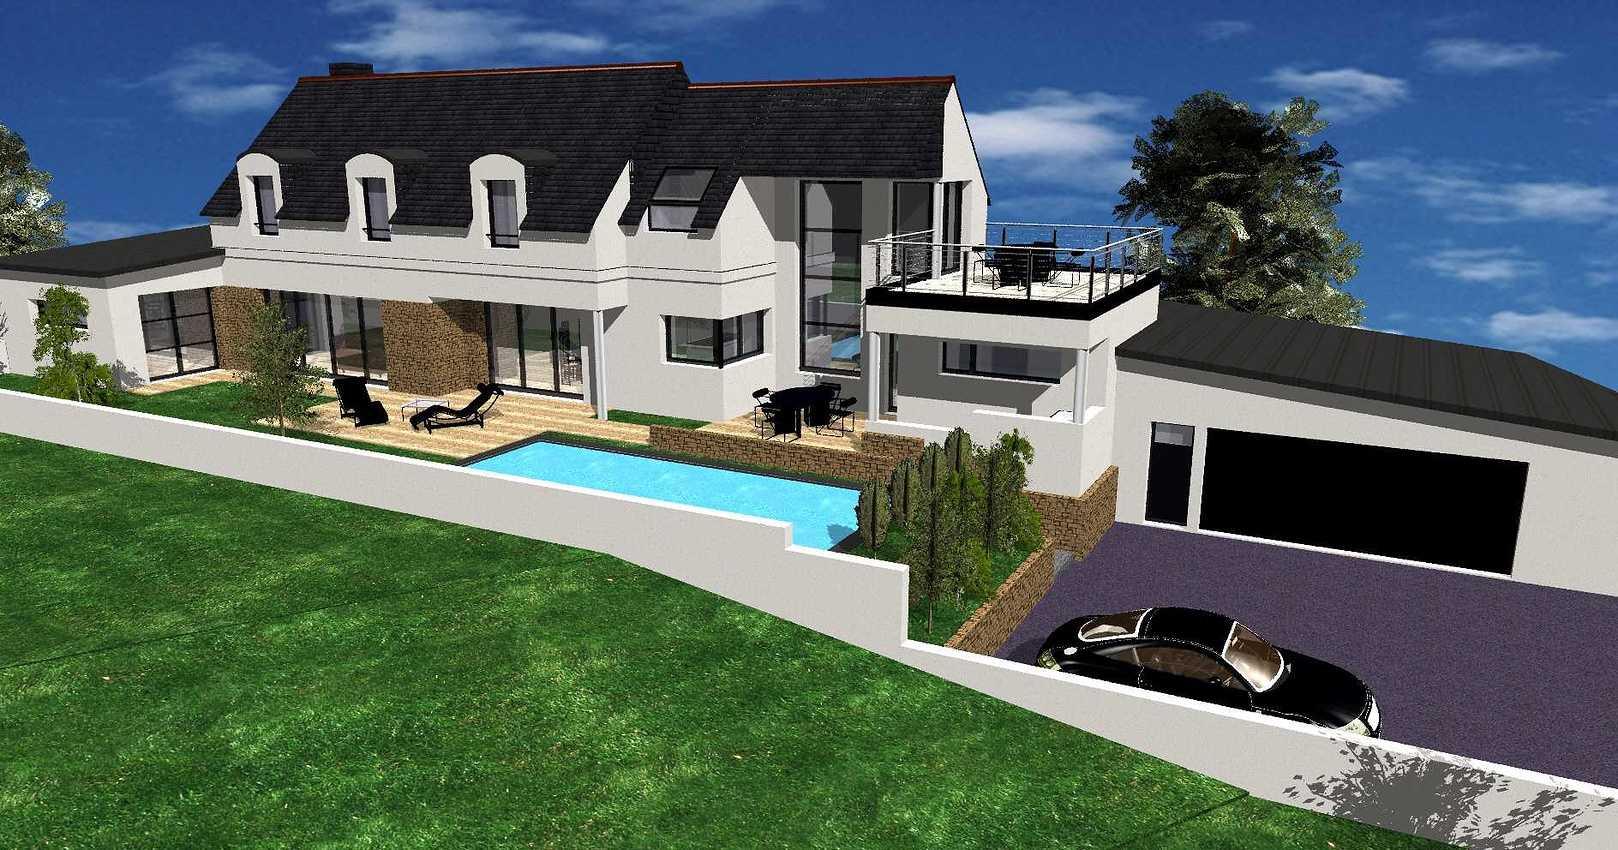 Projet maison contemporaine avec piscine - Erquy es1